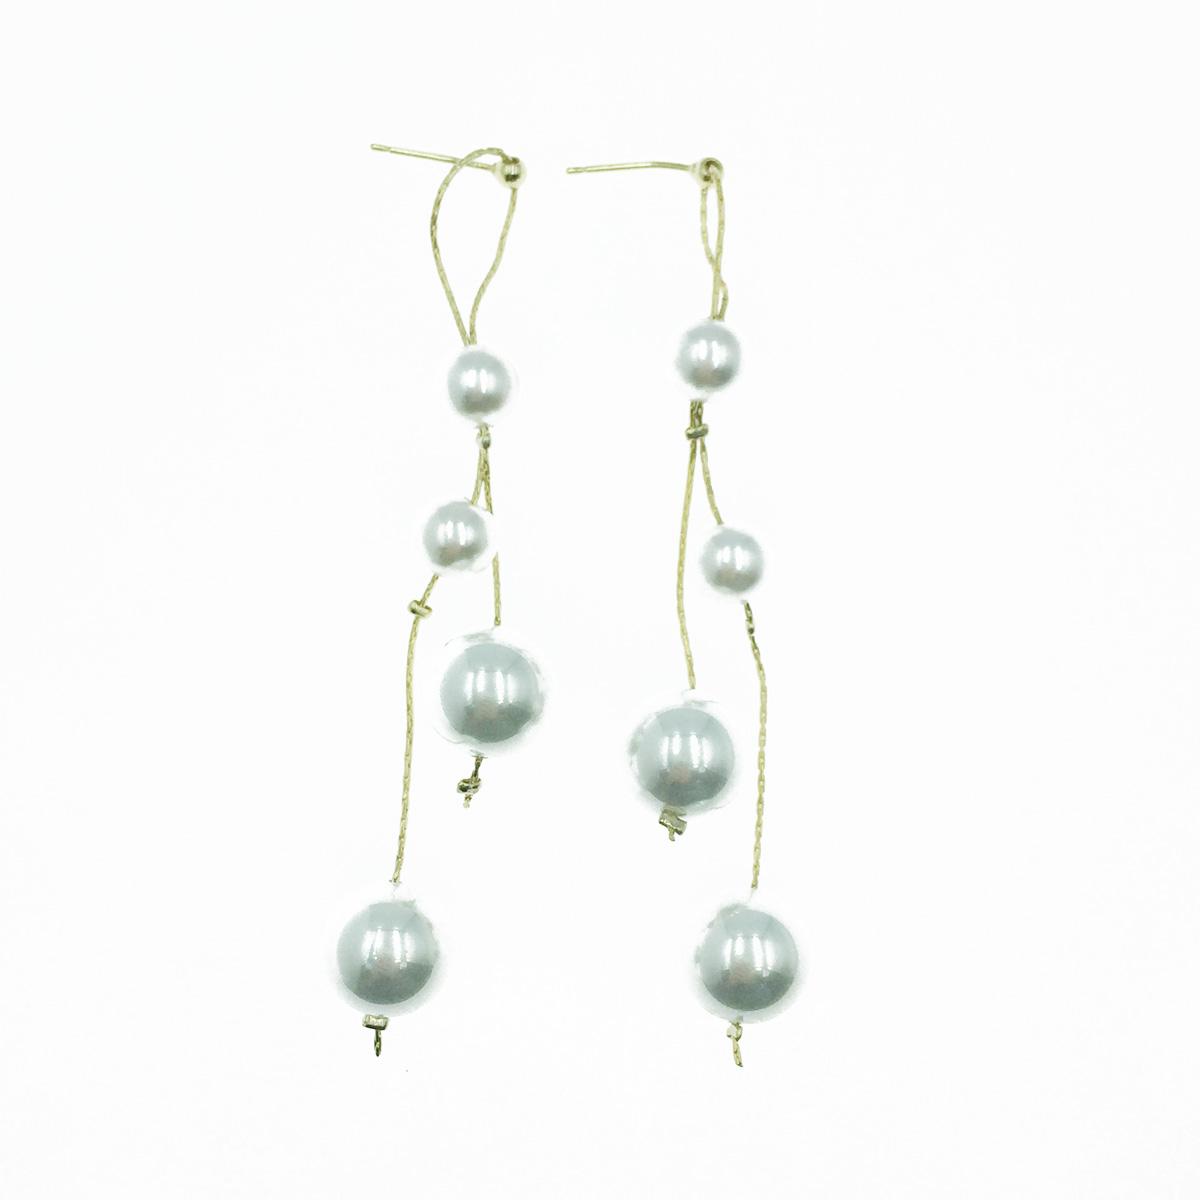 韓國 925純銀 珍珠 串鍊 氣質 垂墜感 耳針式耳環